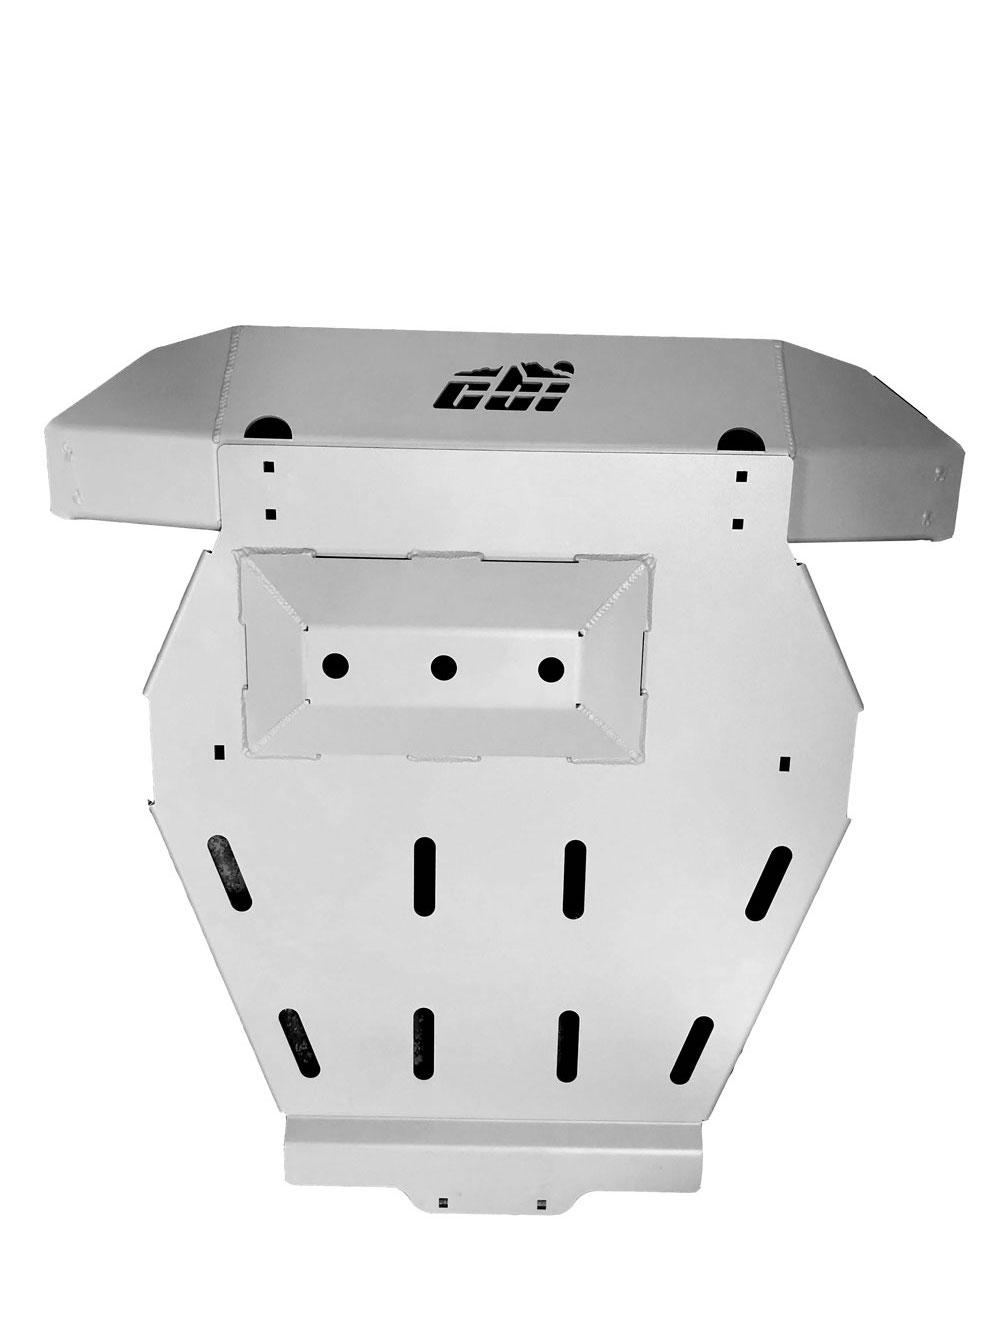 CBI Fabrication - 5th Gen Skid Plates-t4r5-ol-skid-rear-1-jpg